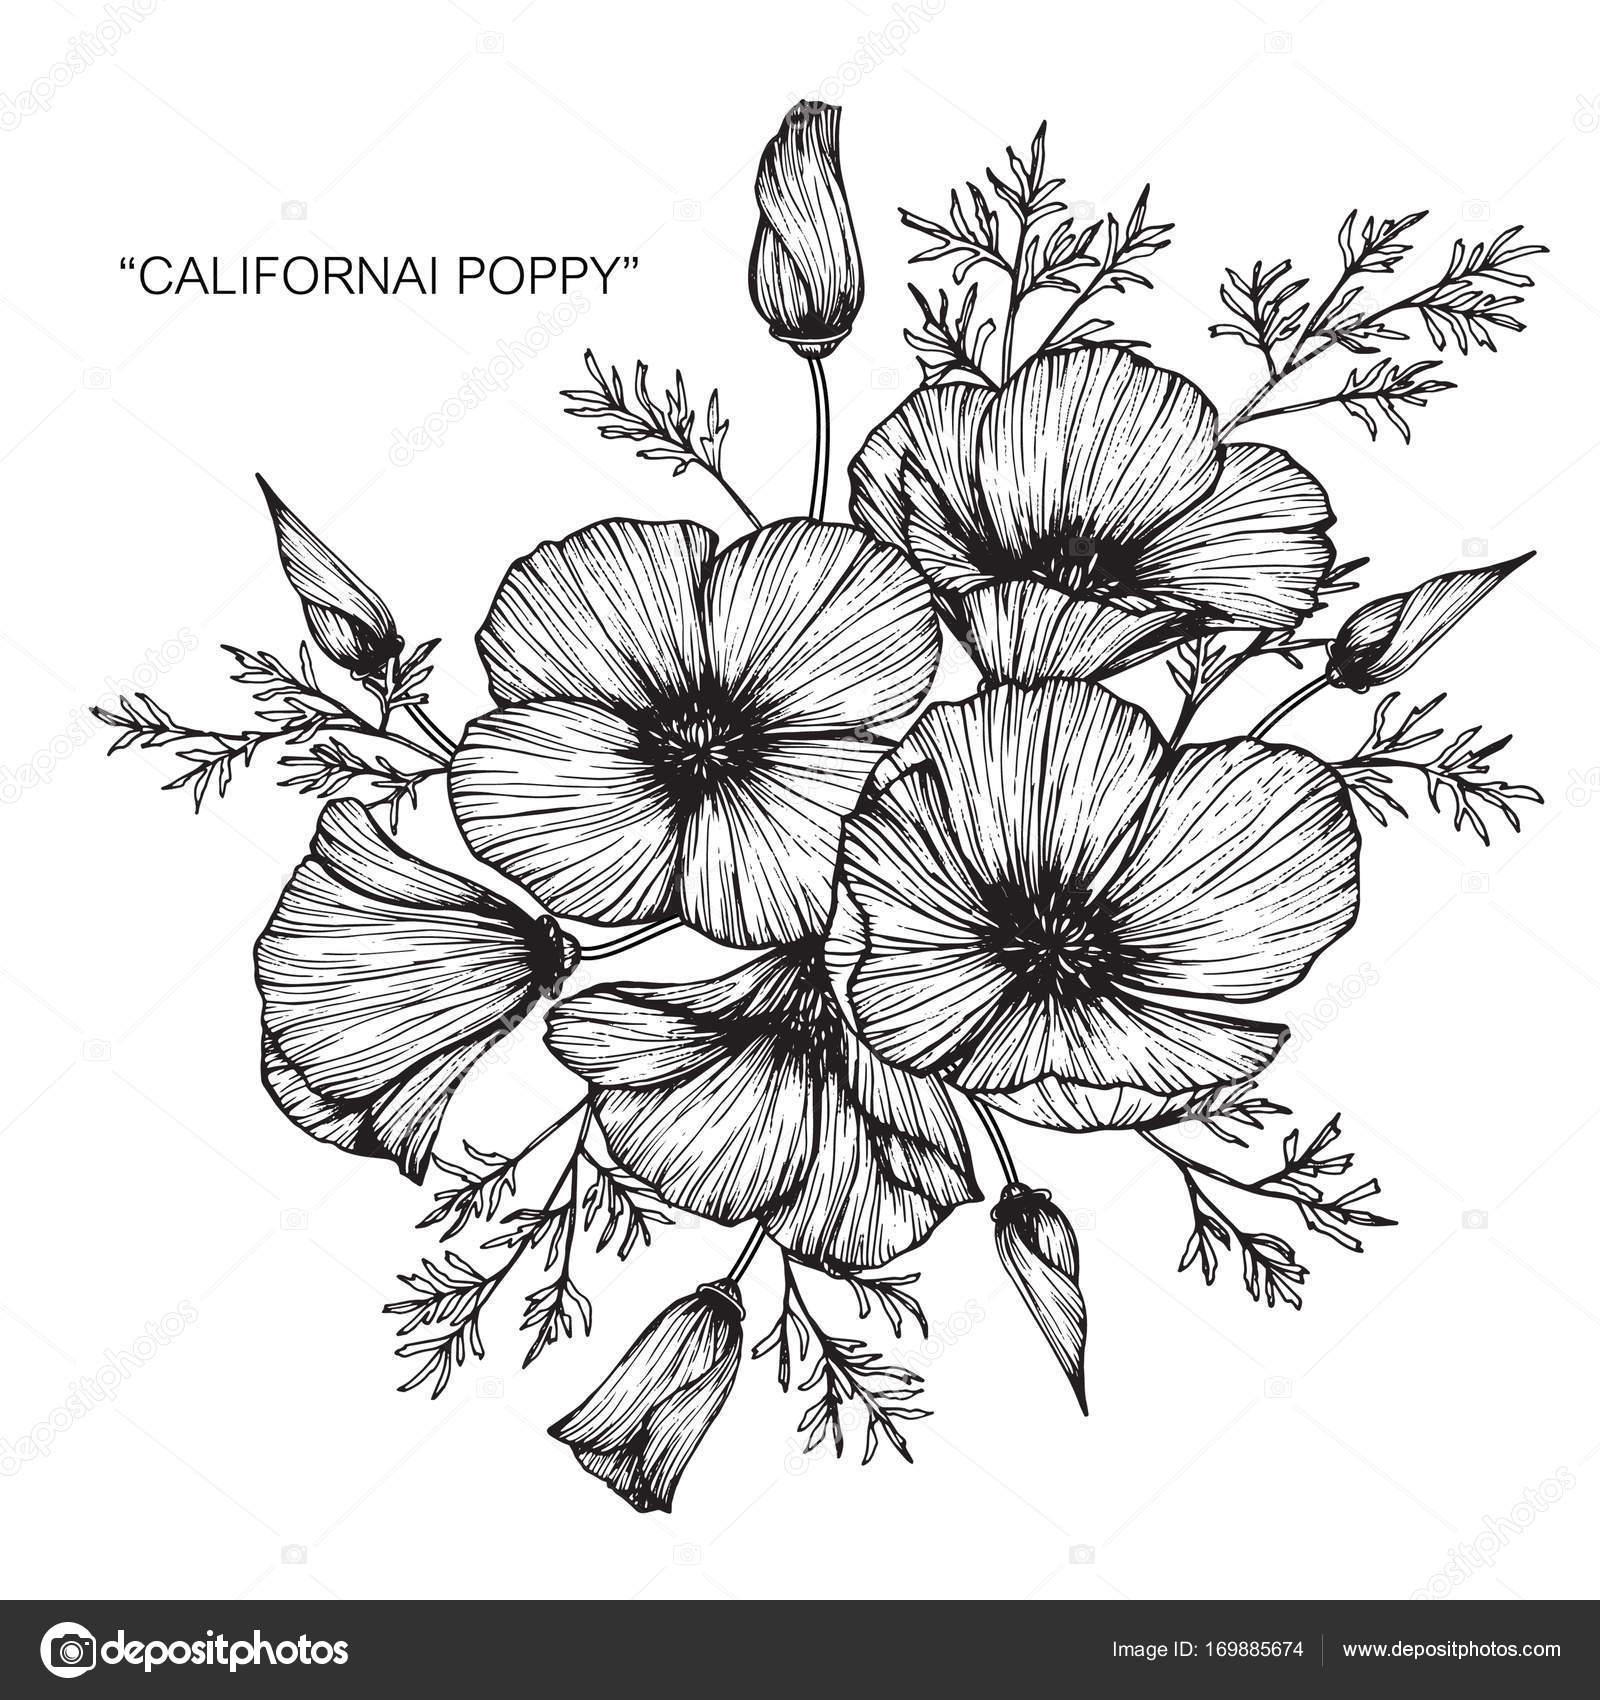 Line Drawing Poppy Flower : California poppy flores desenho esboço com linha arte